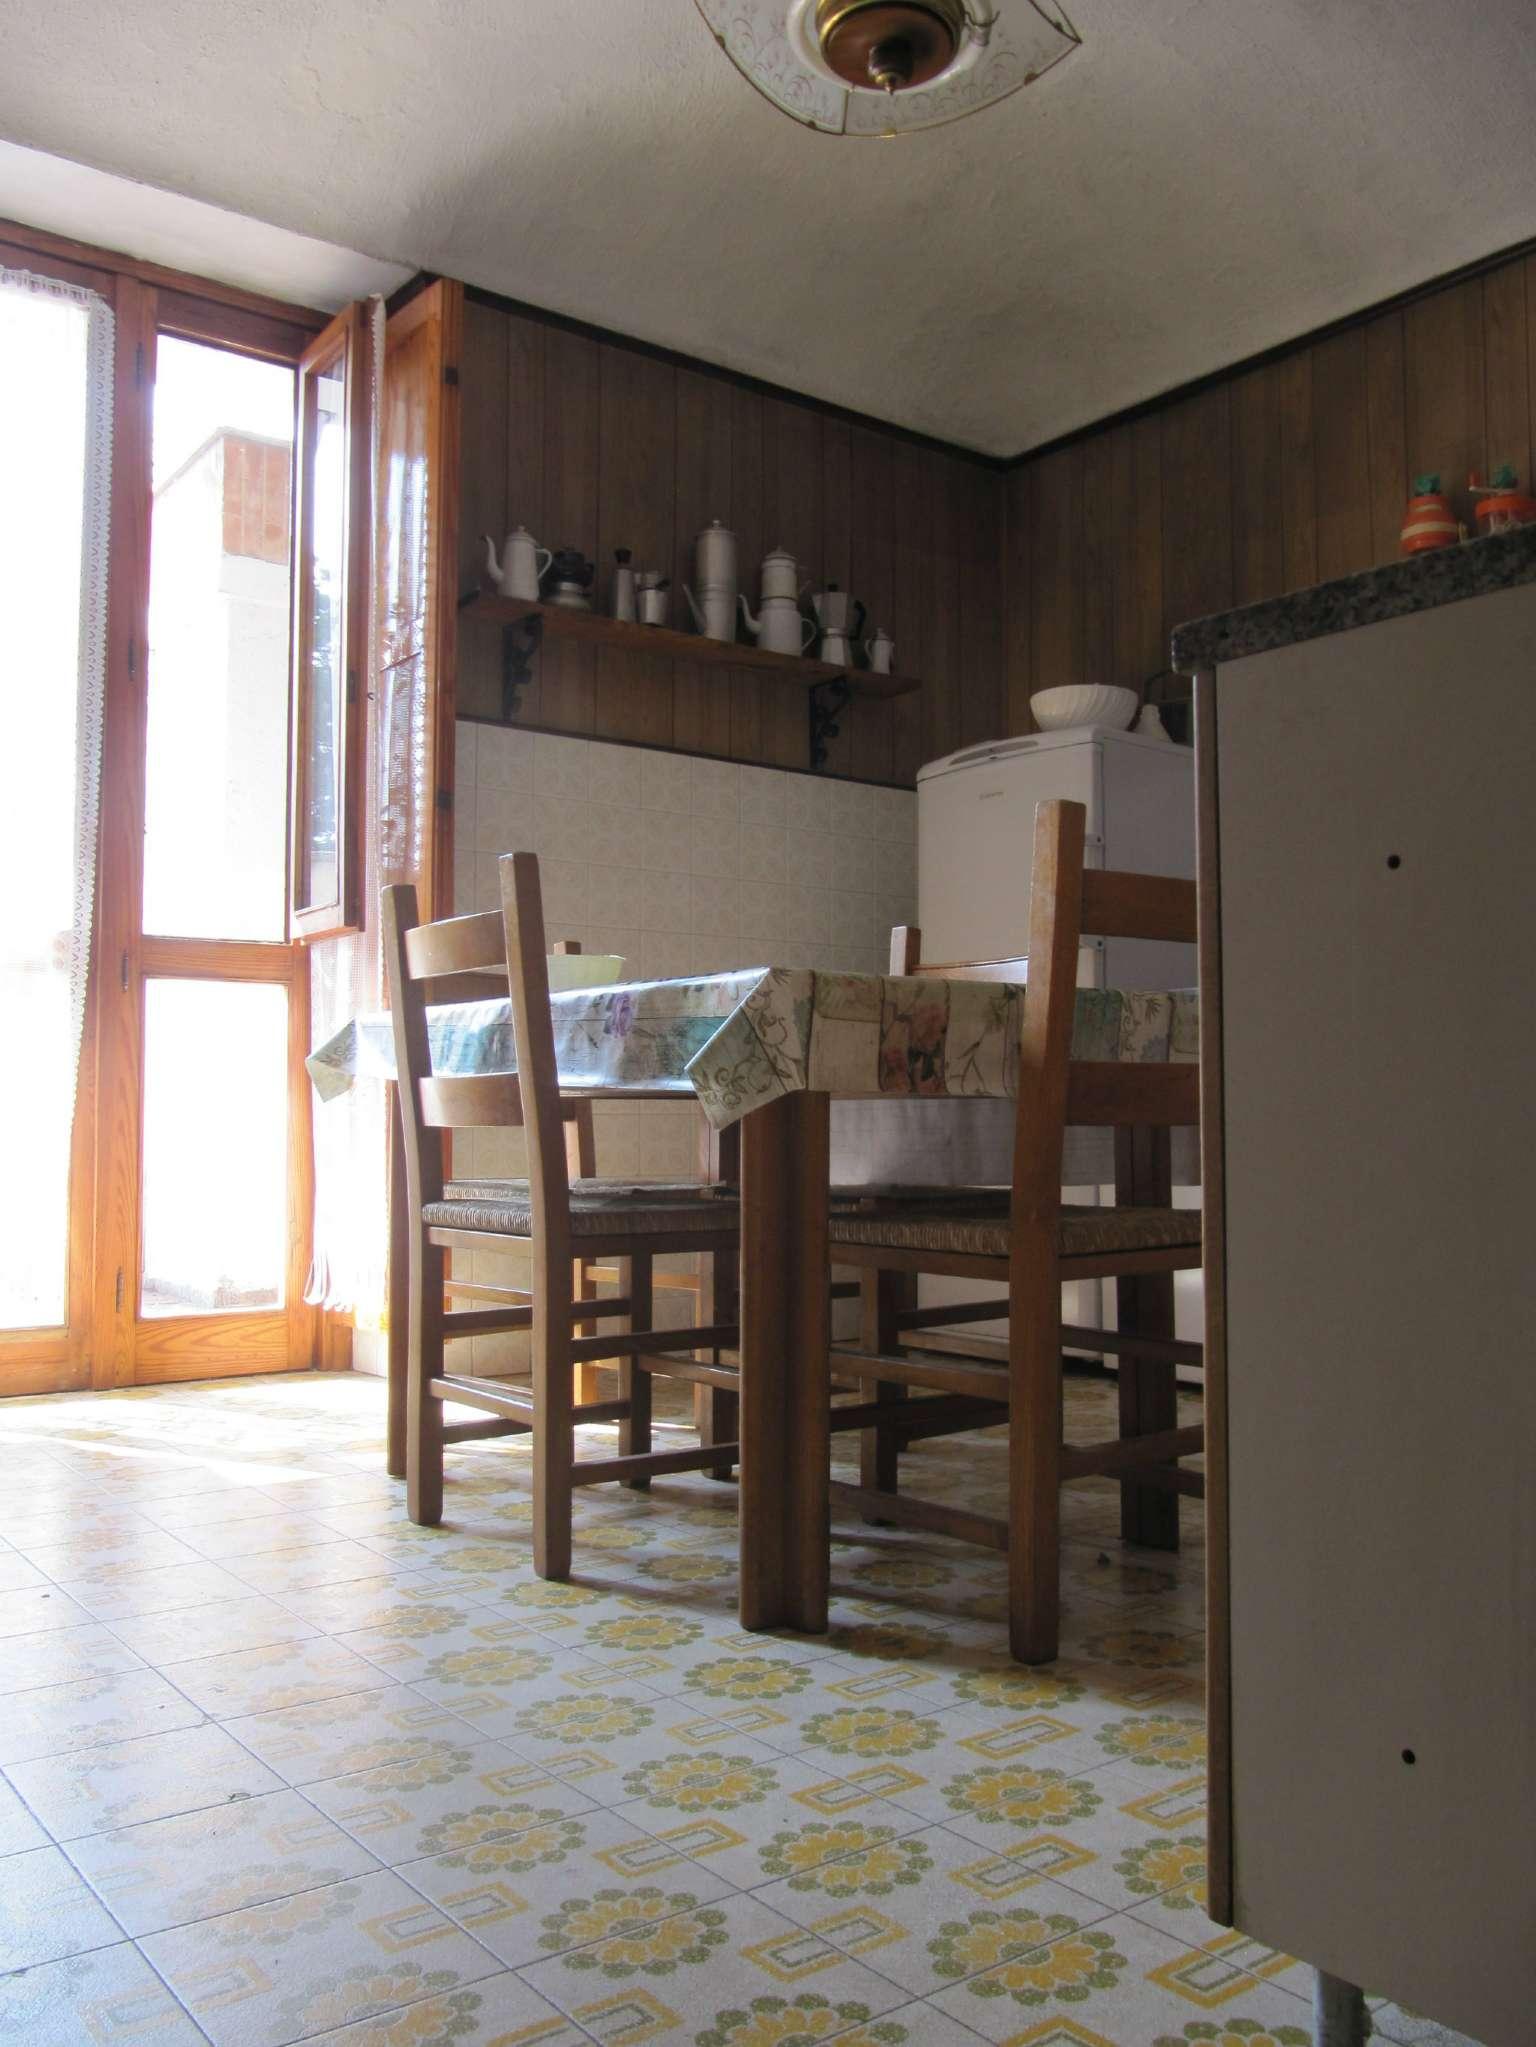 Foto 1 di Quadrilocale via TRENTO, Bosconero